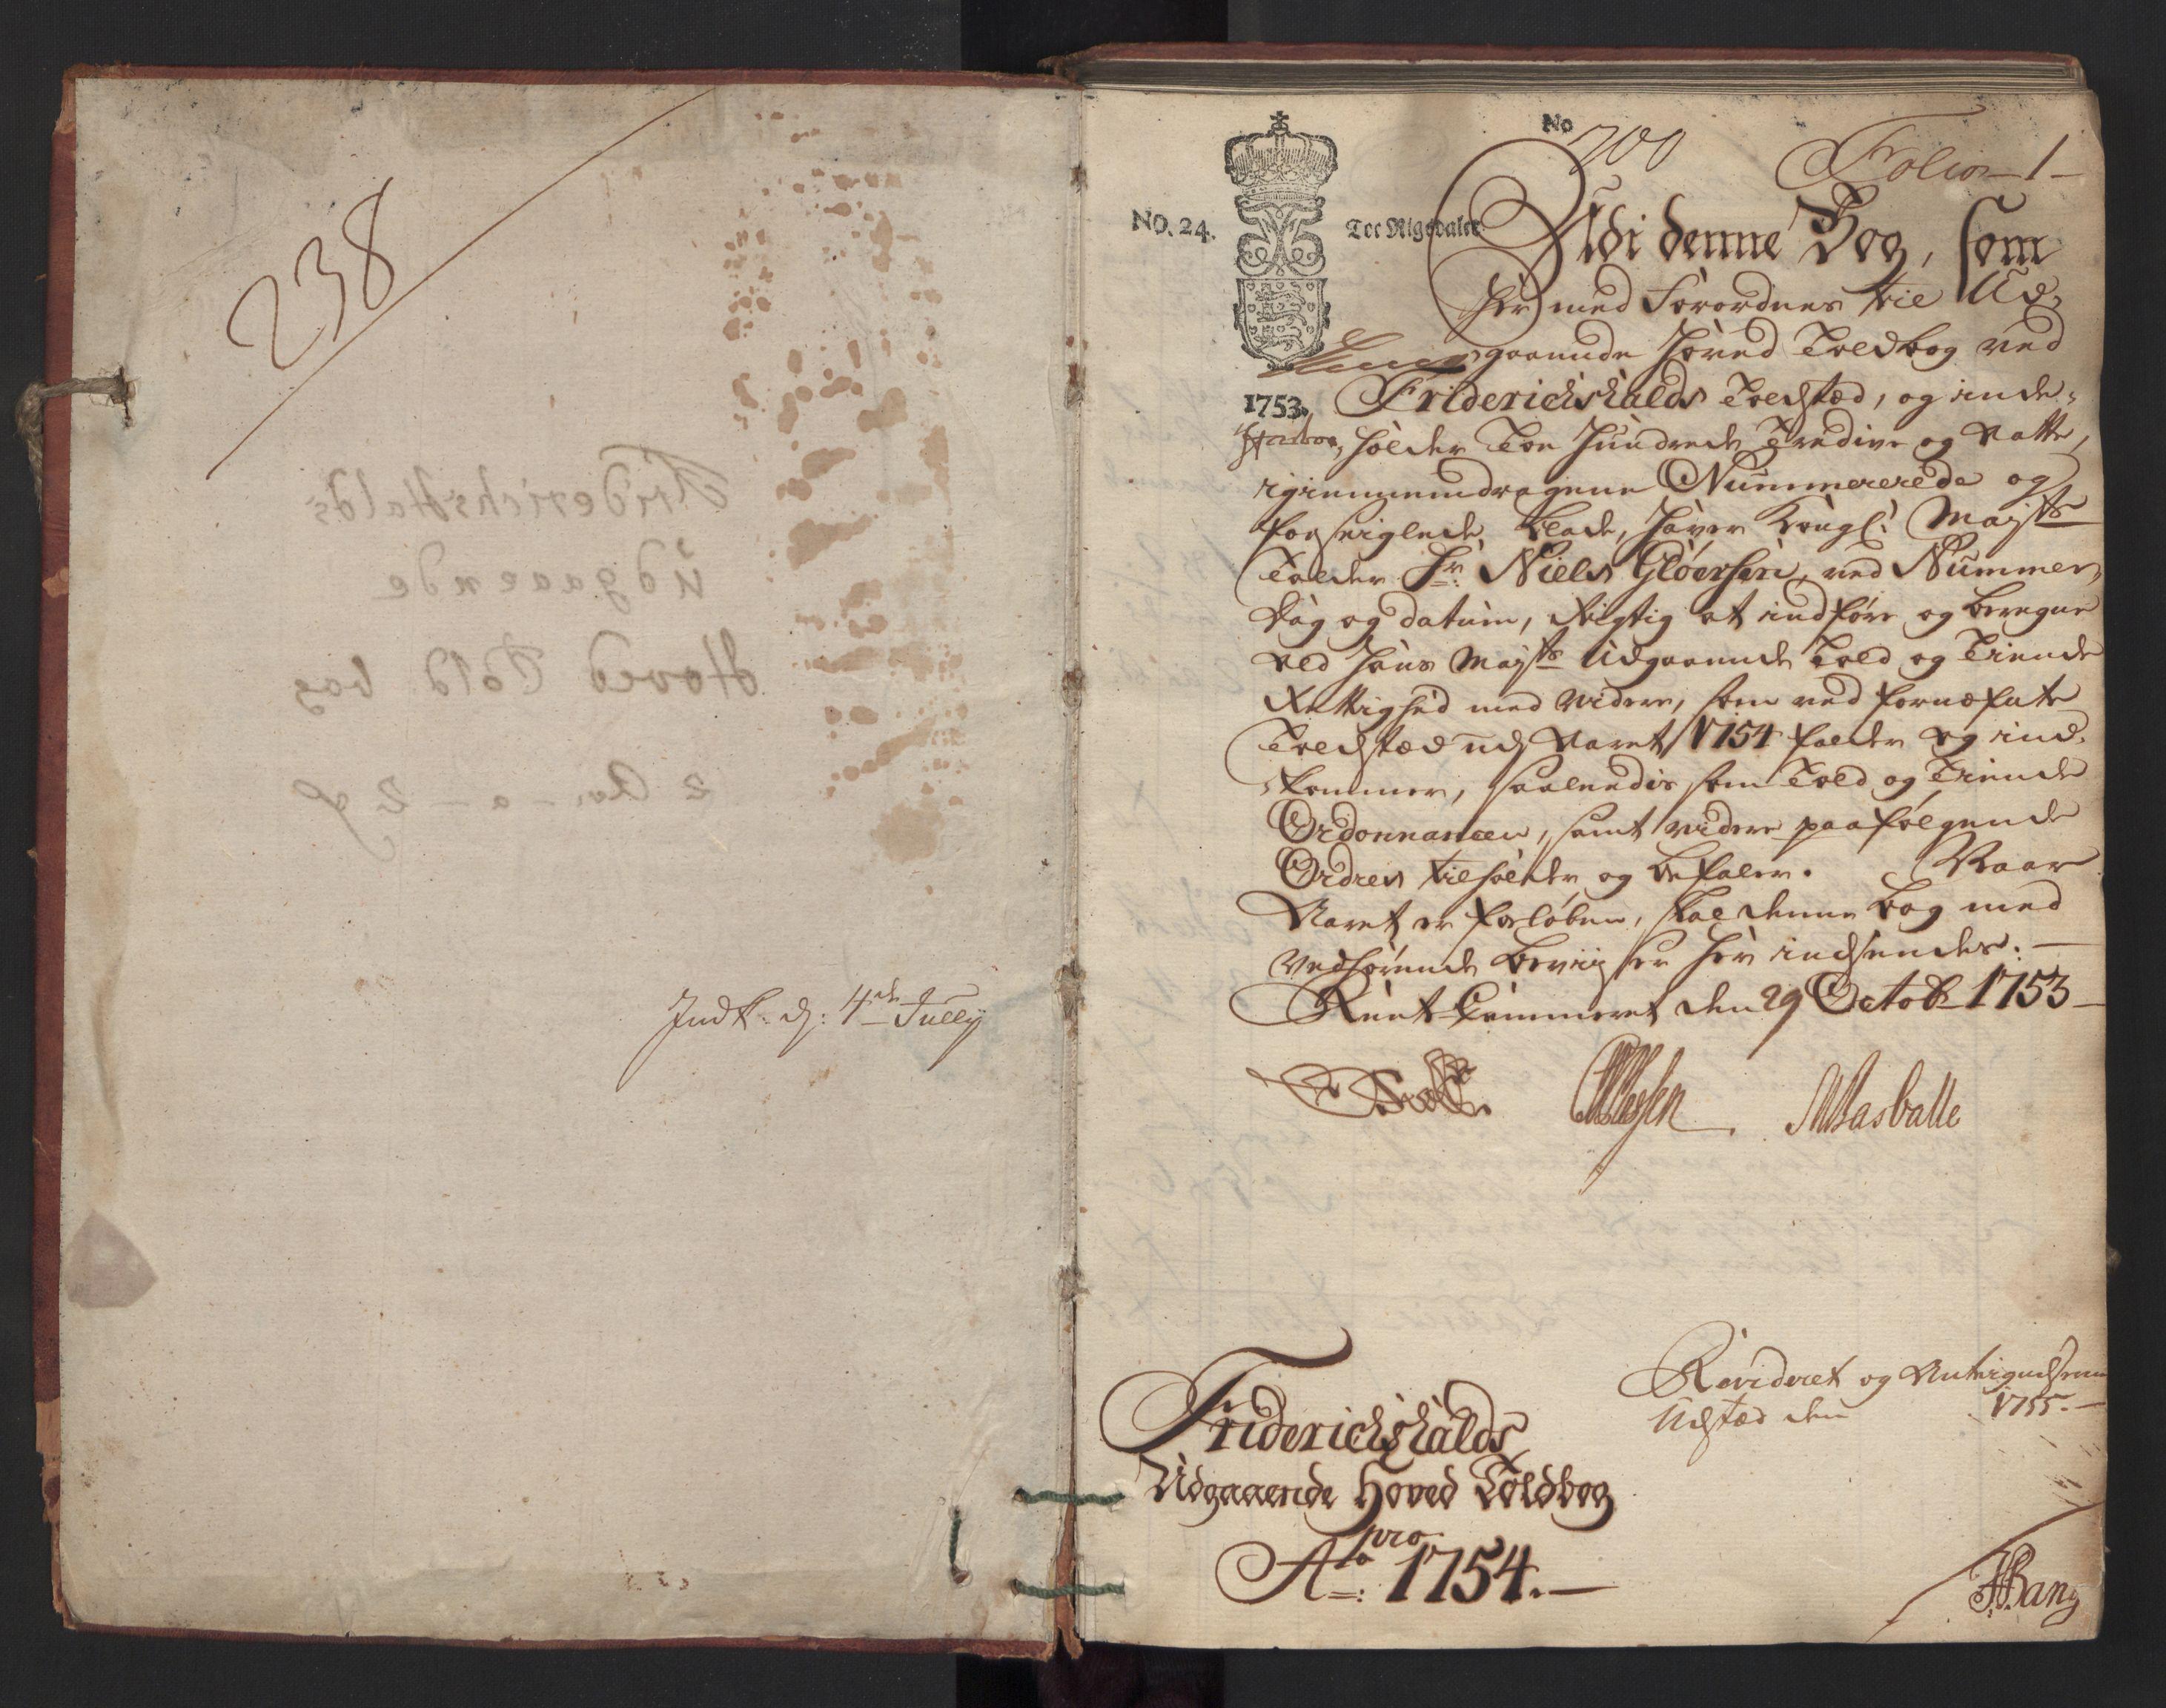 RA, Generaltollkammeret, tollregnskaper, R01/L0023: Tollregnskaper Fredrikshald, 1754